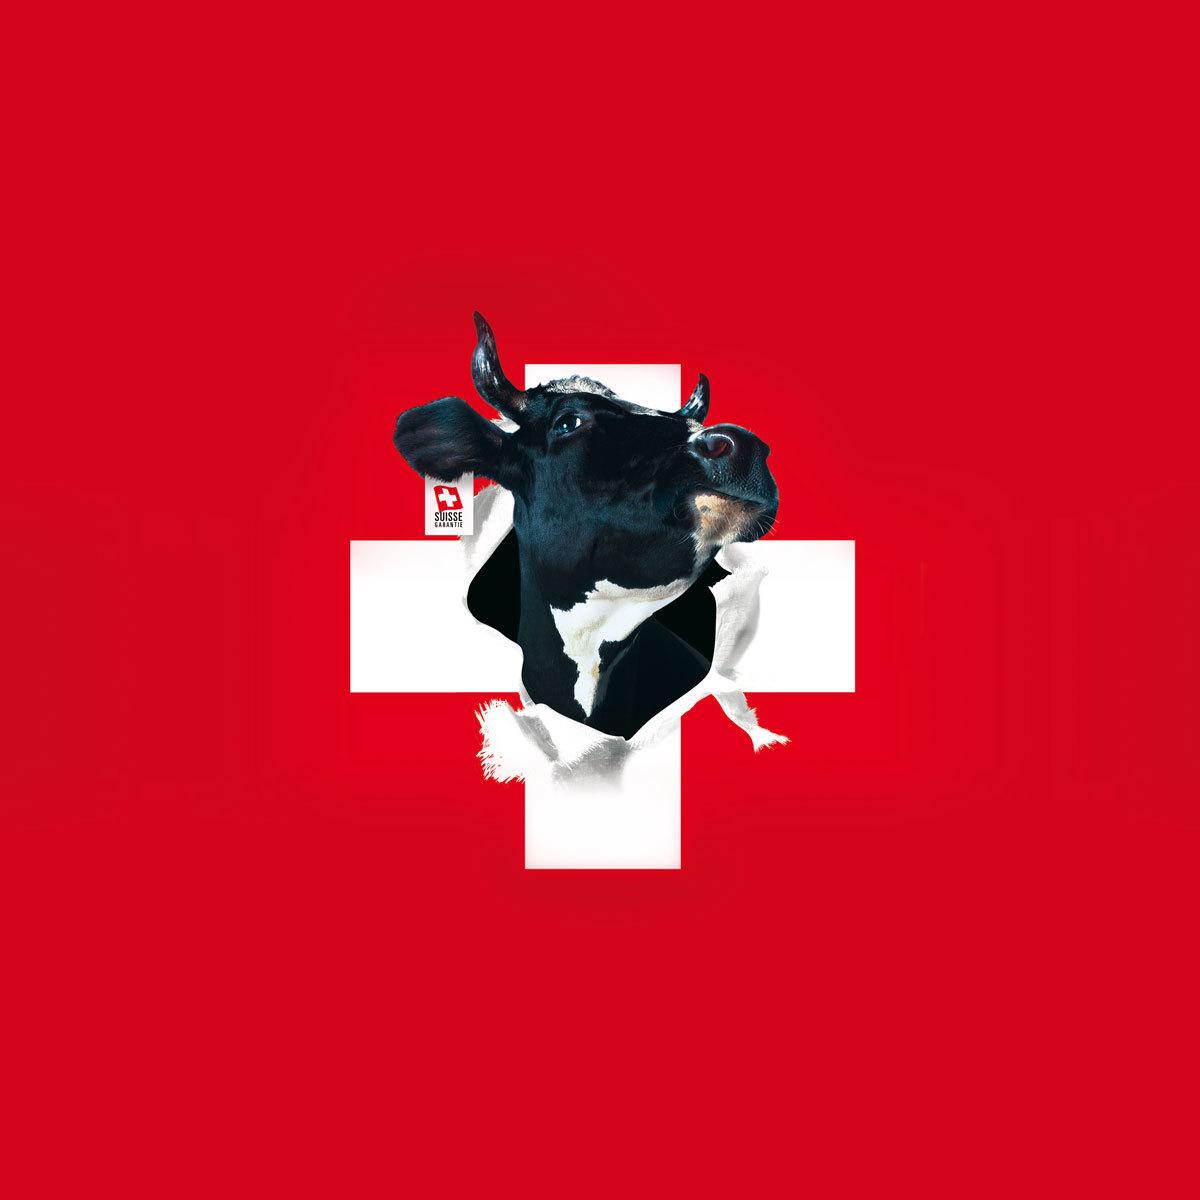 Swissmilk Lovely 00 MHG Bern